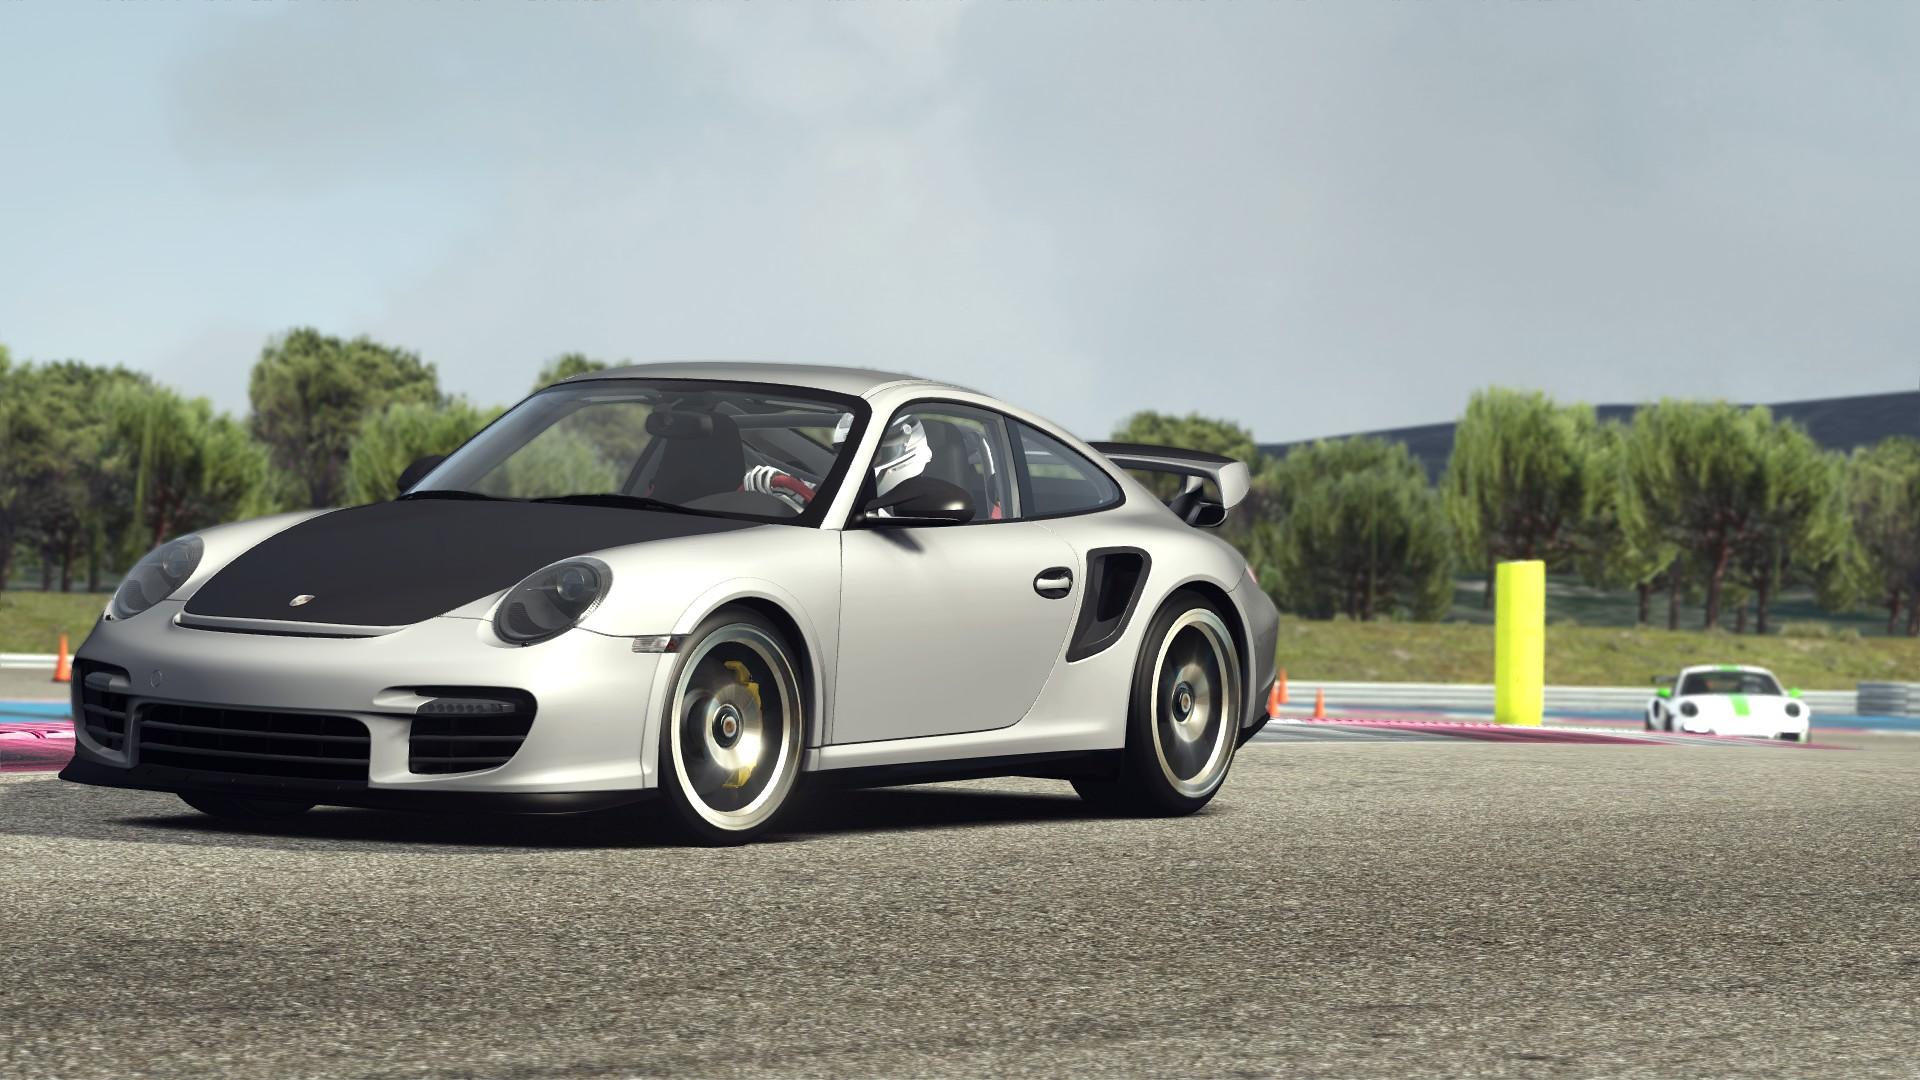 Porsche 997 GT2RS Assetto Corsa 1.14 098.jpg